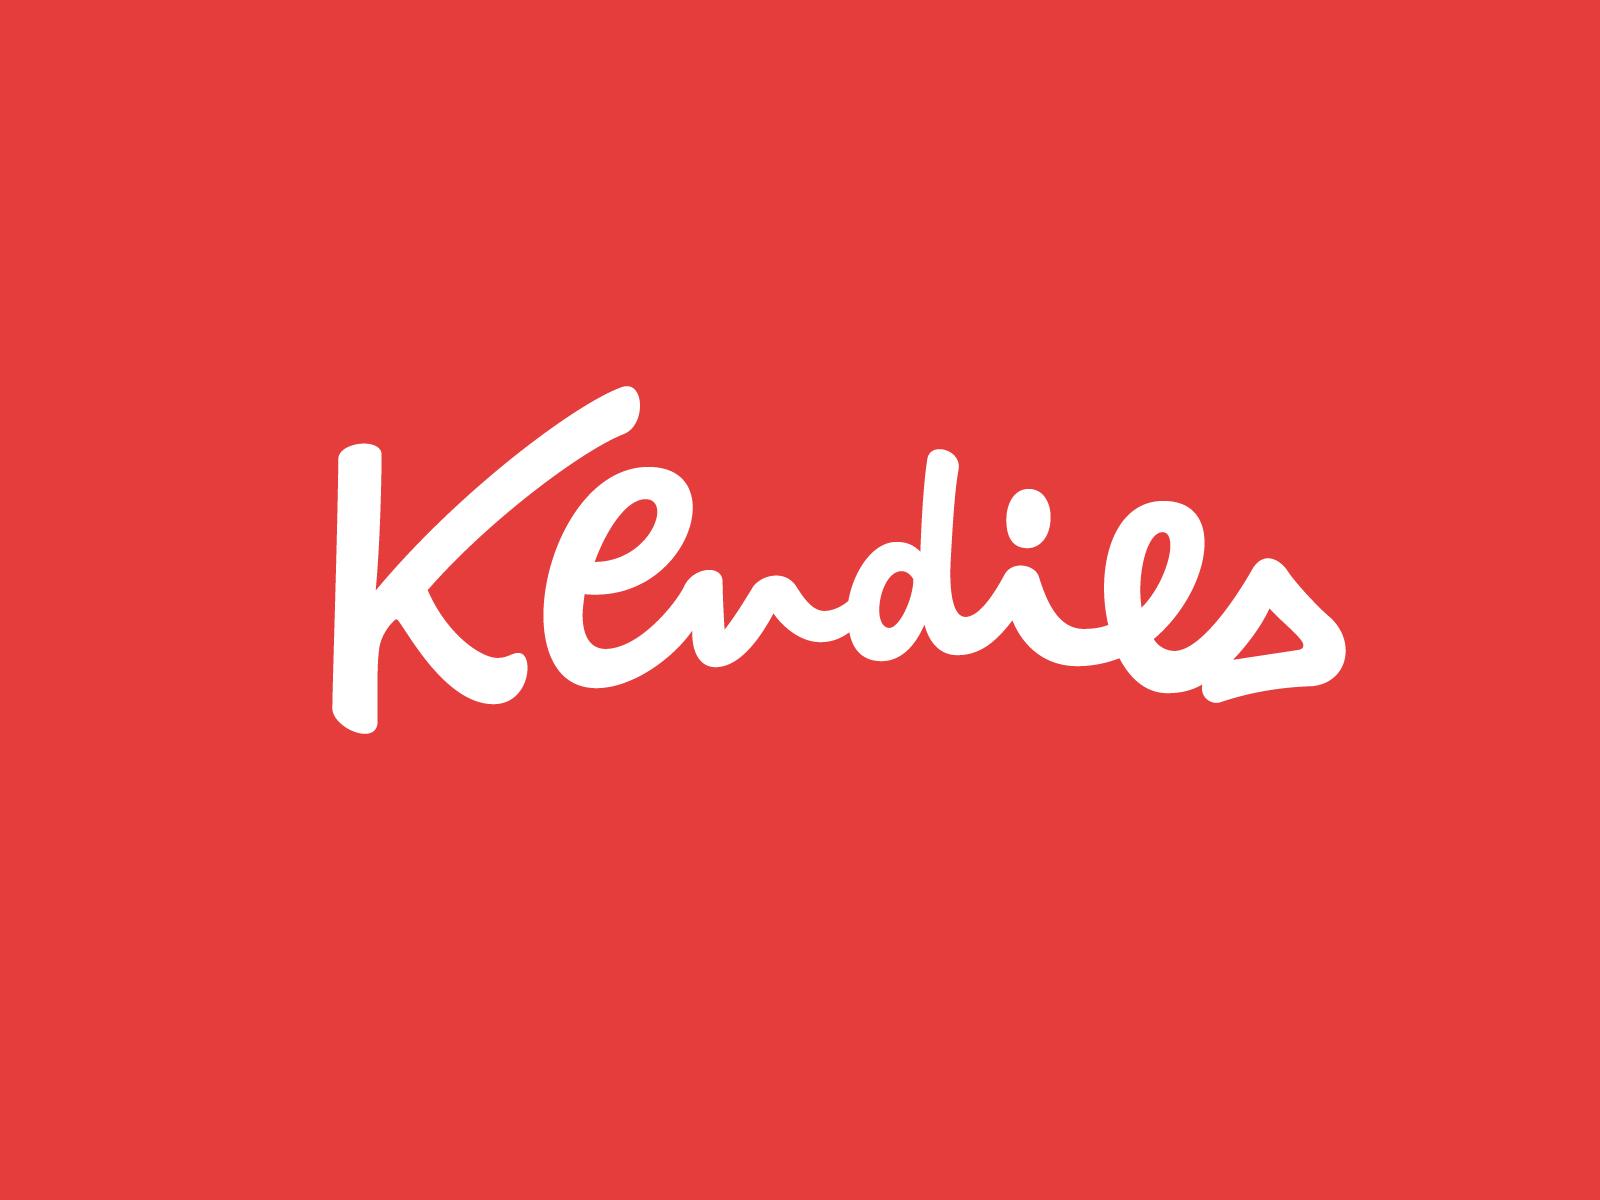 Kendies logo